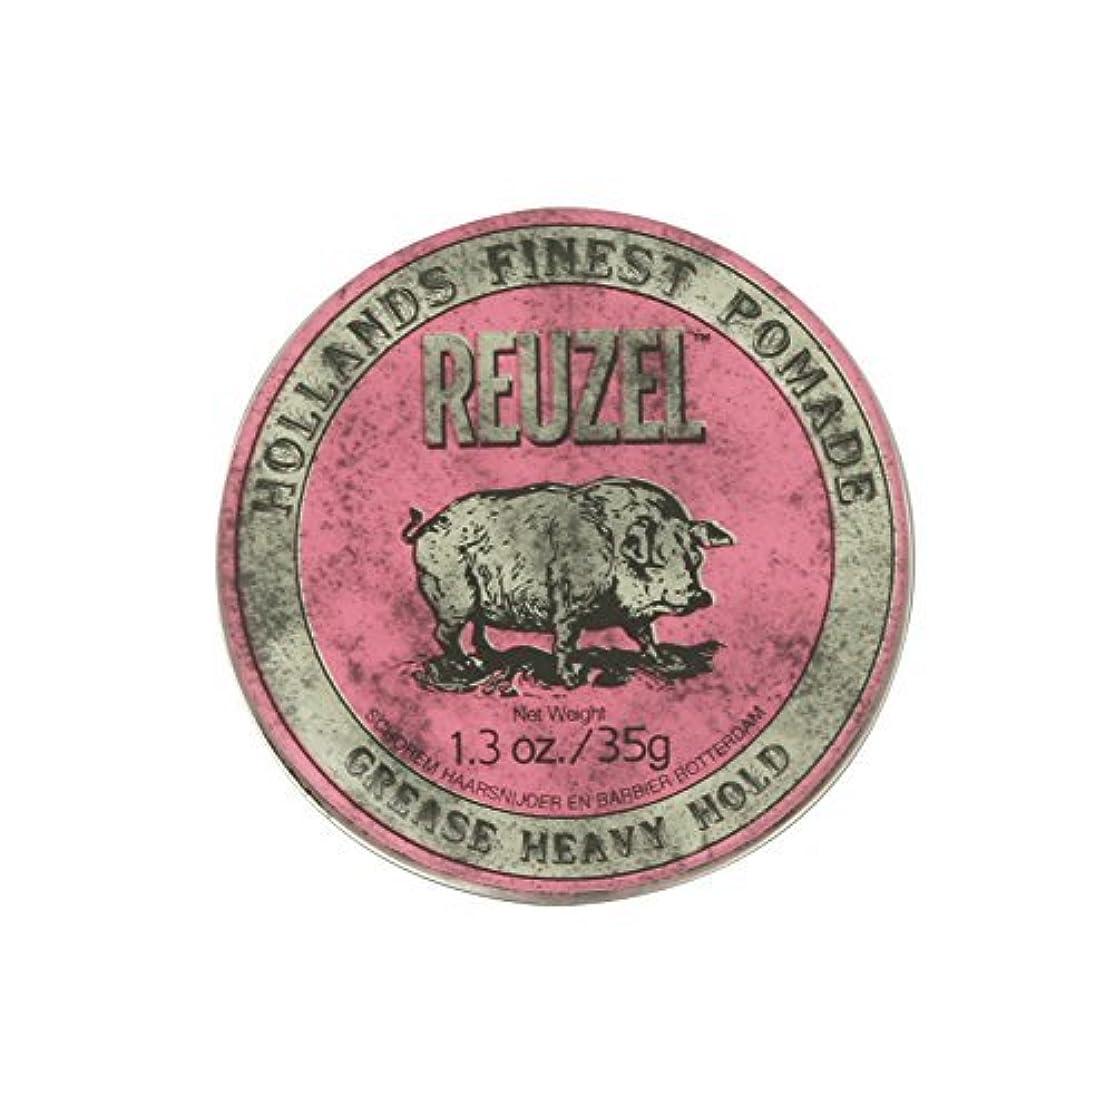 液体想像する生き返らせるReuzel Pink Grease Heavy Hold Pomade Piglet 1.3oz by REUZEL [並行輸入品]